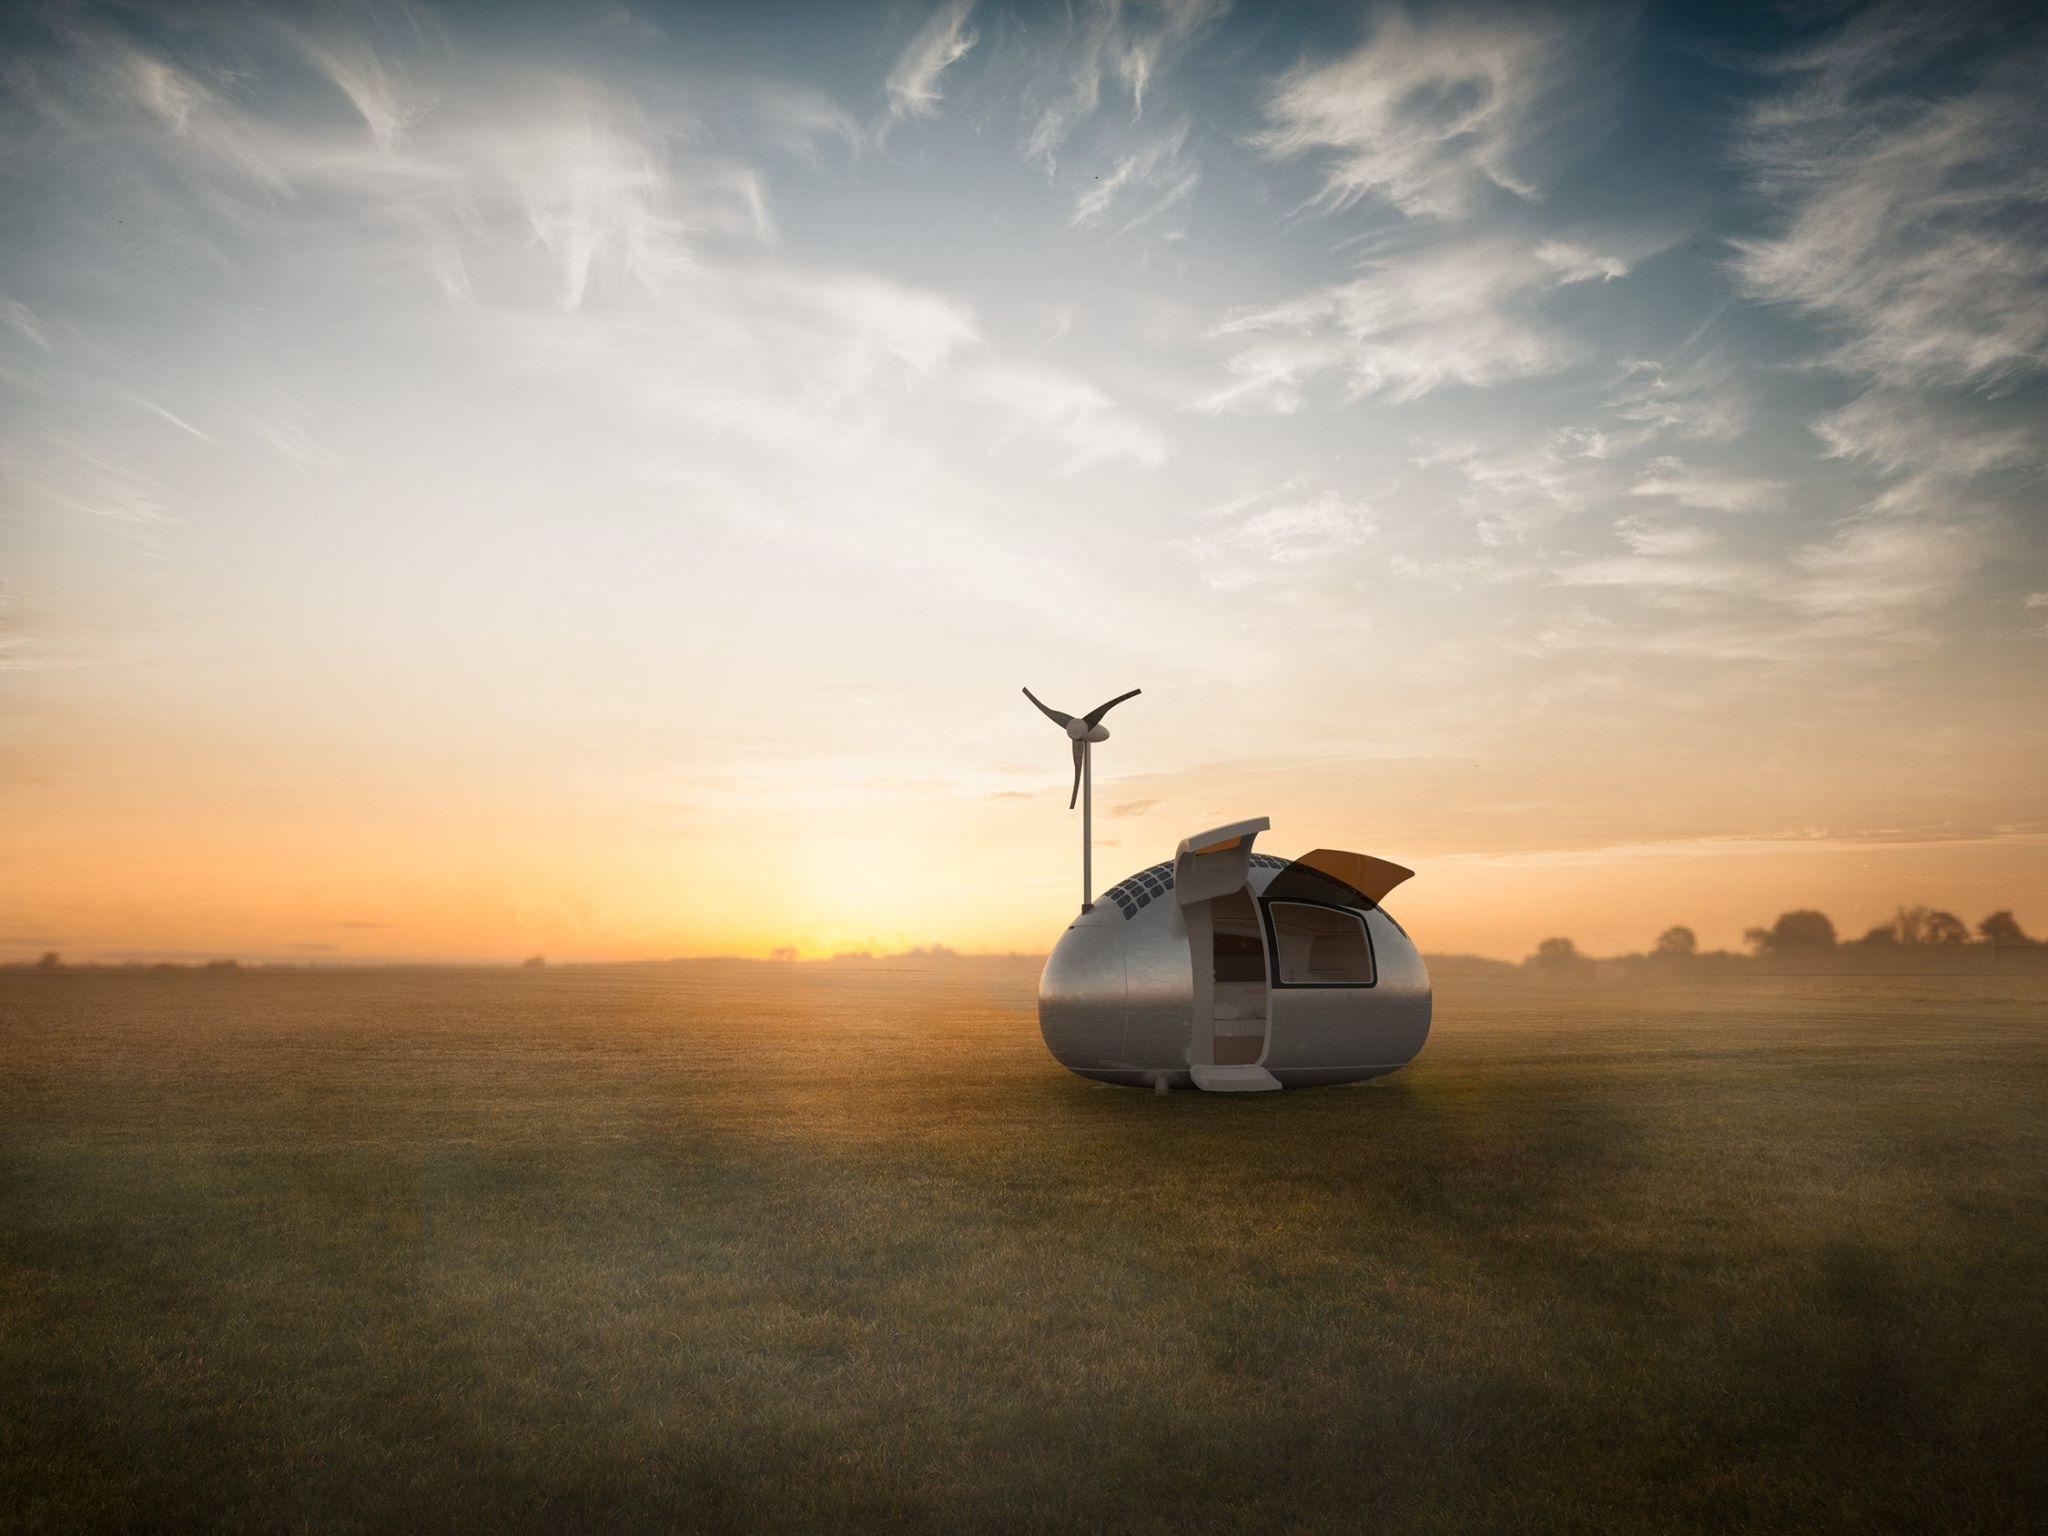 Casa-móvel produz sua própria energia e pode ir para qualquer lugar do mundo